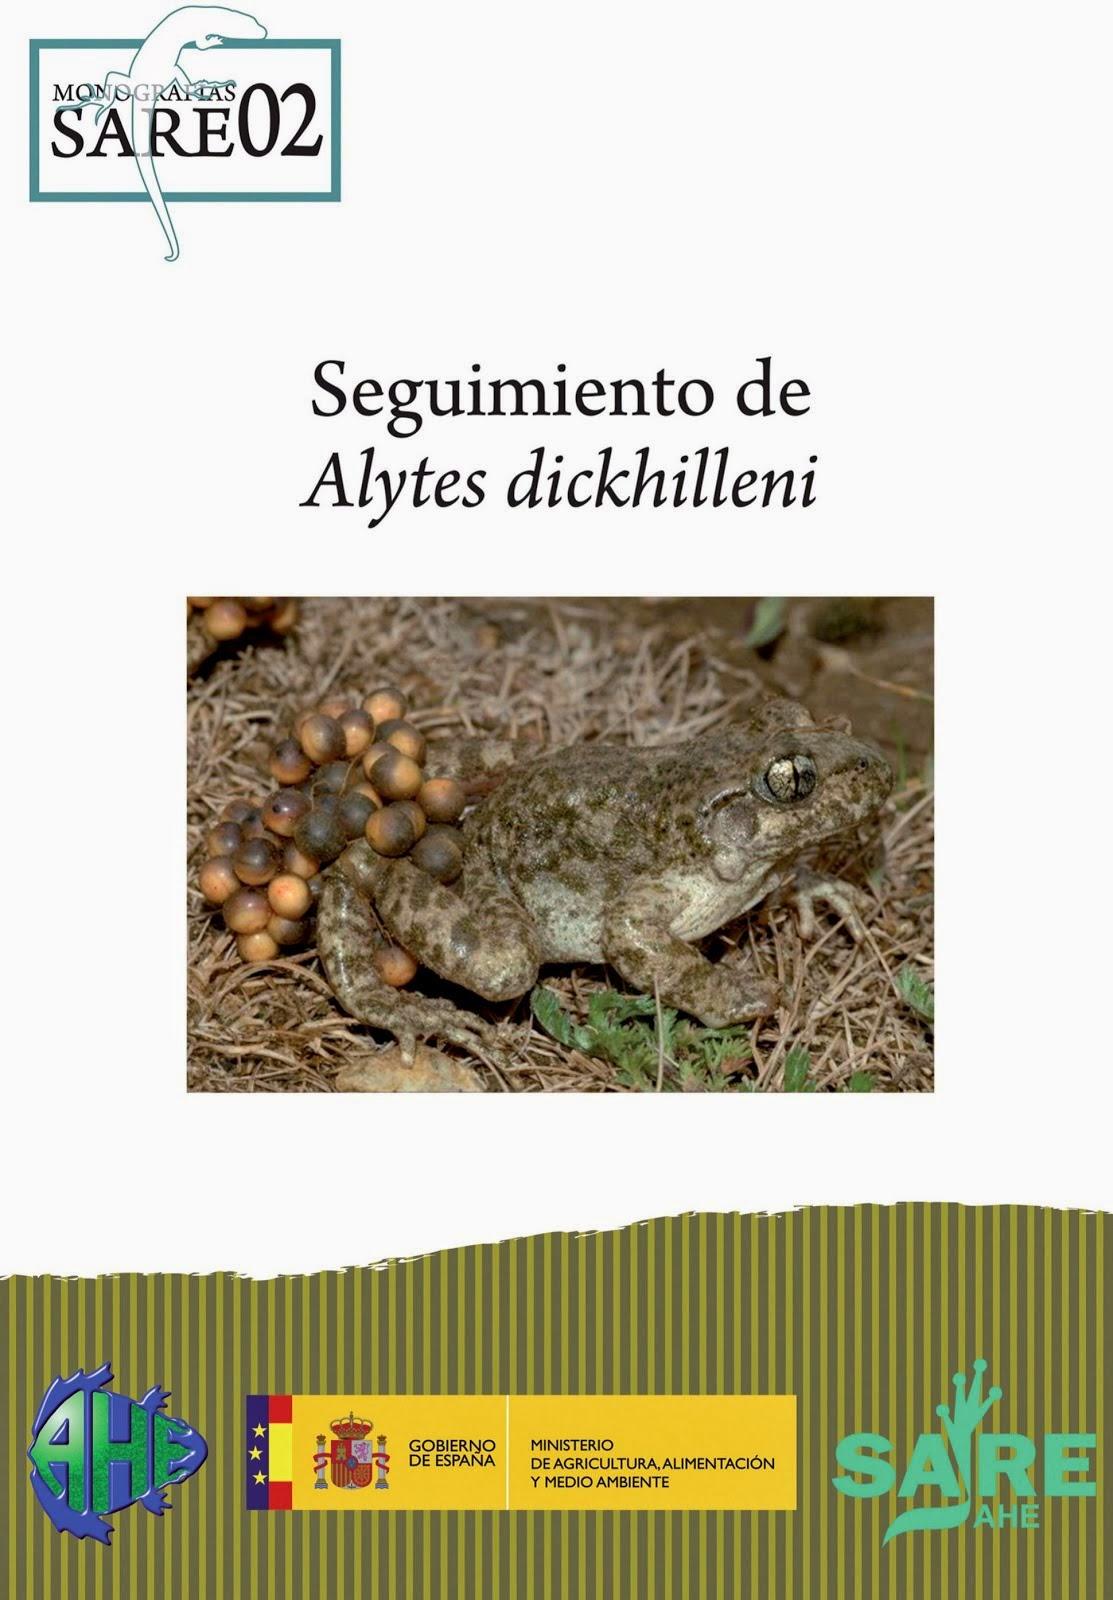 Seguimiento Alytes dickhilleni